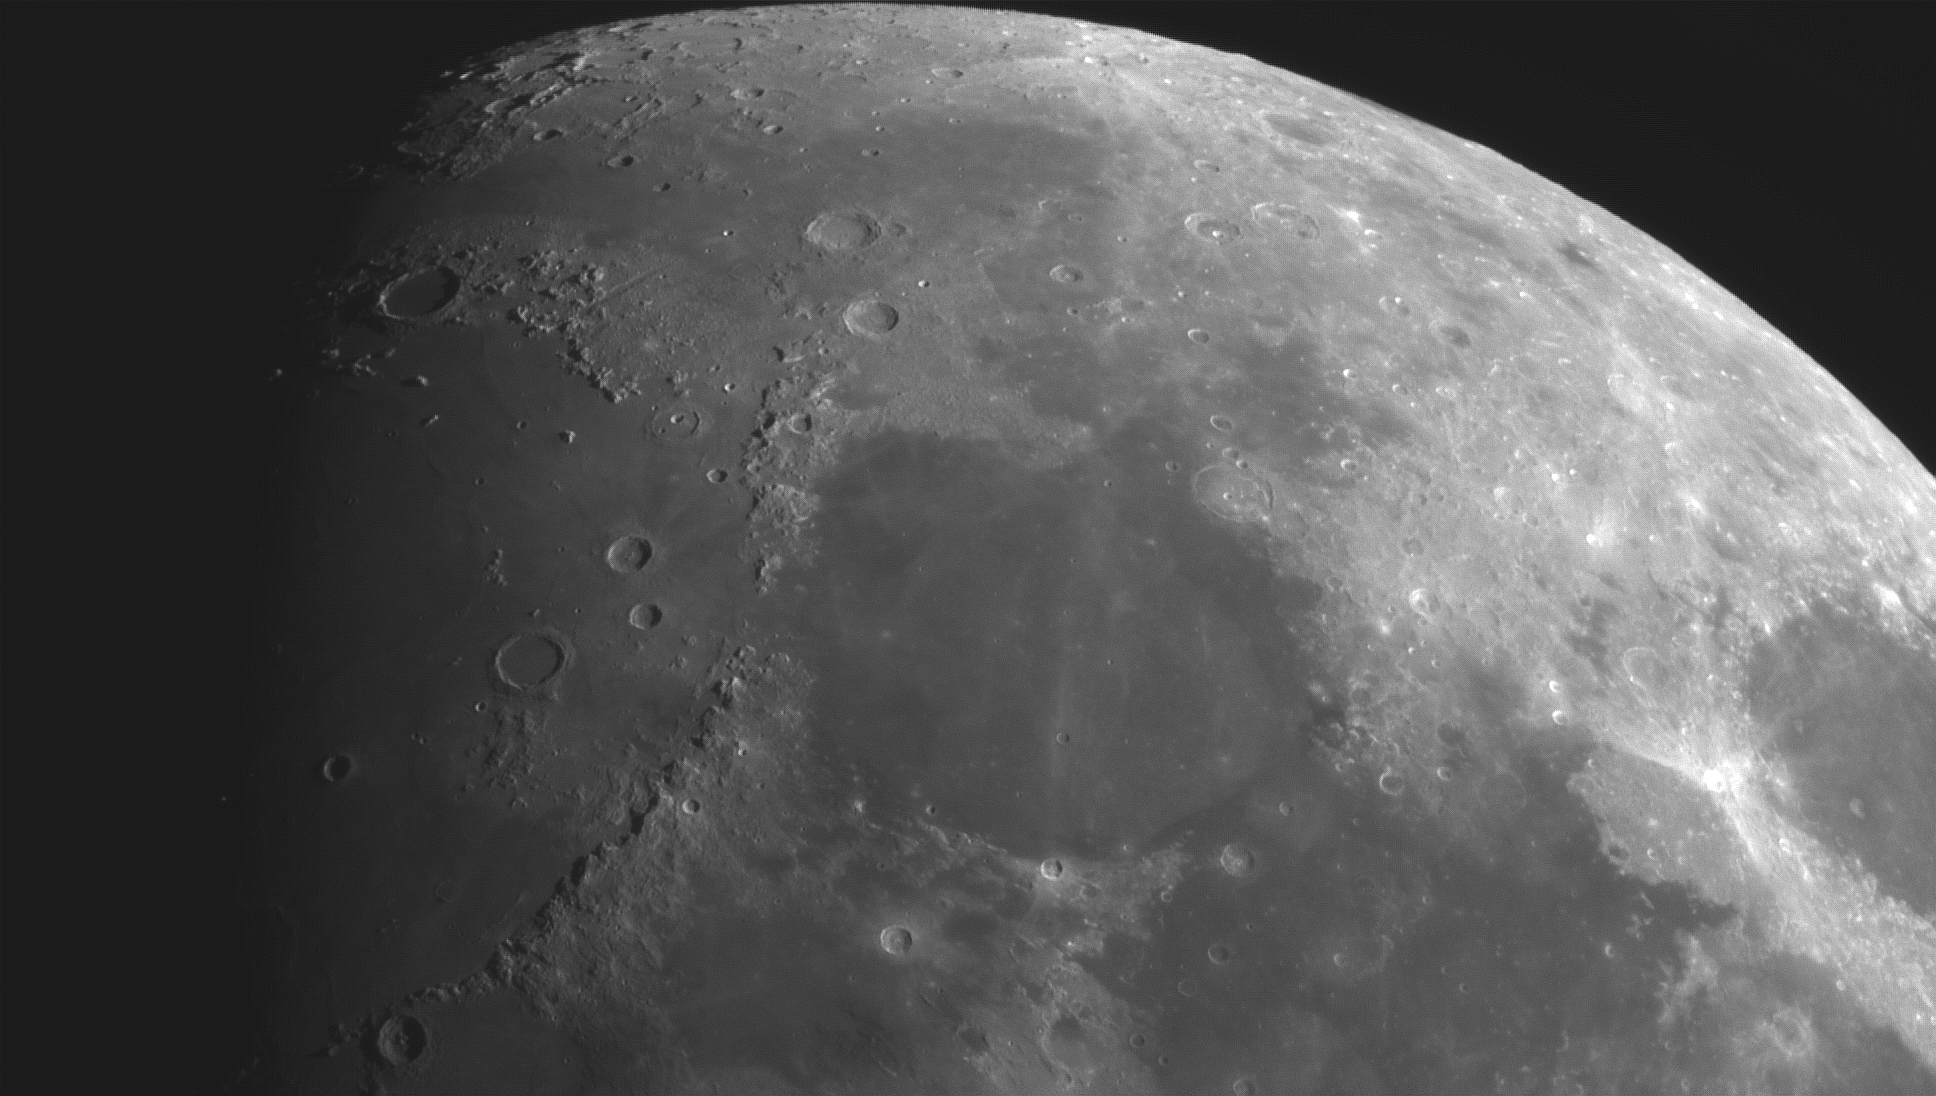 2019-06-11-2012_8-Moon_0000.png.60affa829b0c8bc9de52ba7baace4175.png.9f22cab33a82d8a9f177cf128944c759.png